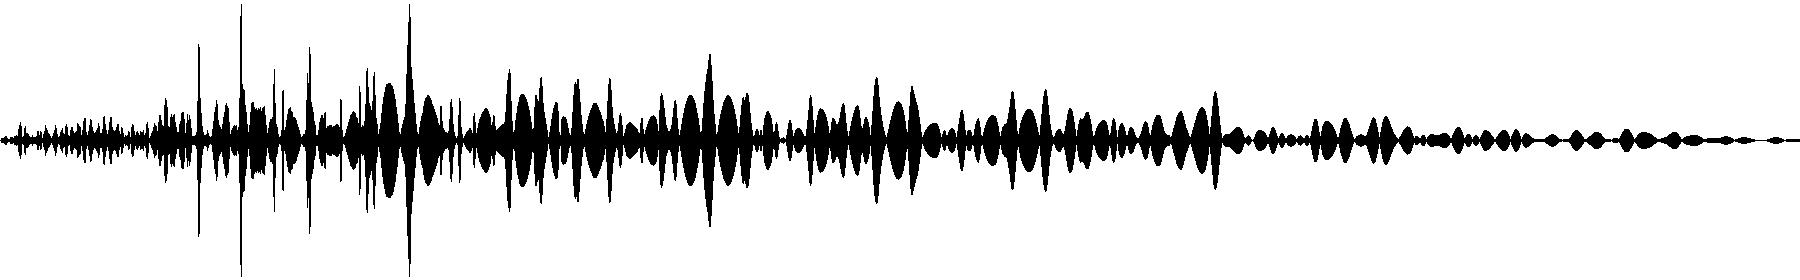 veh2 synths   037 c